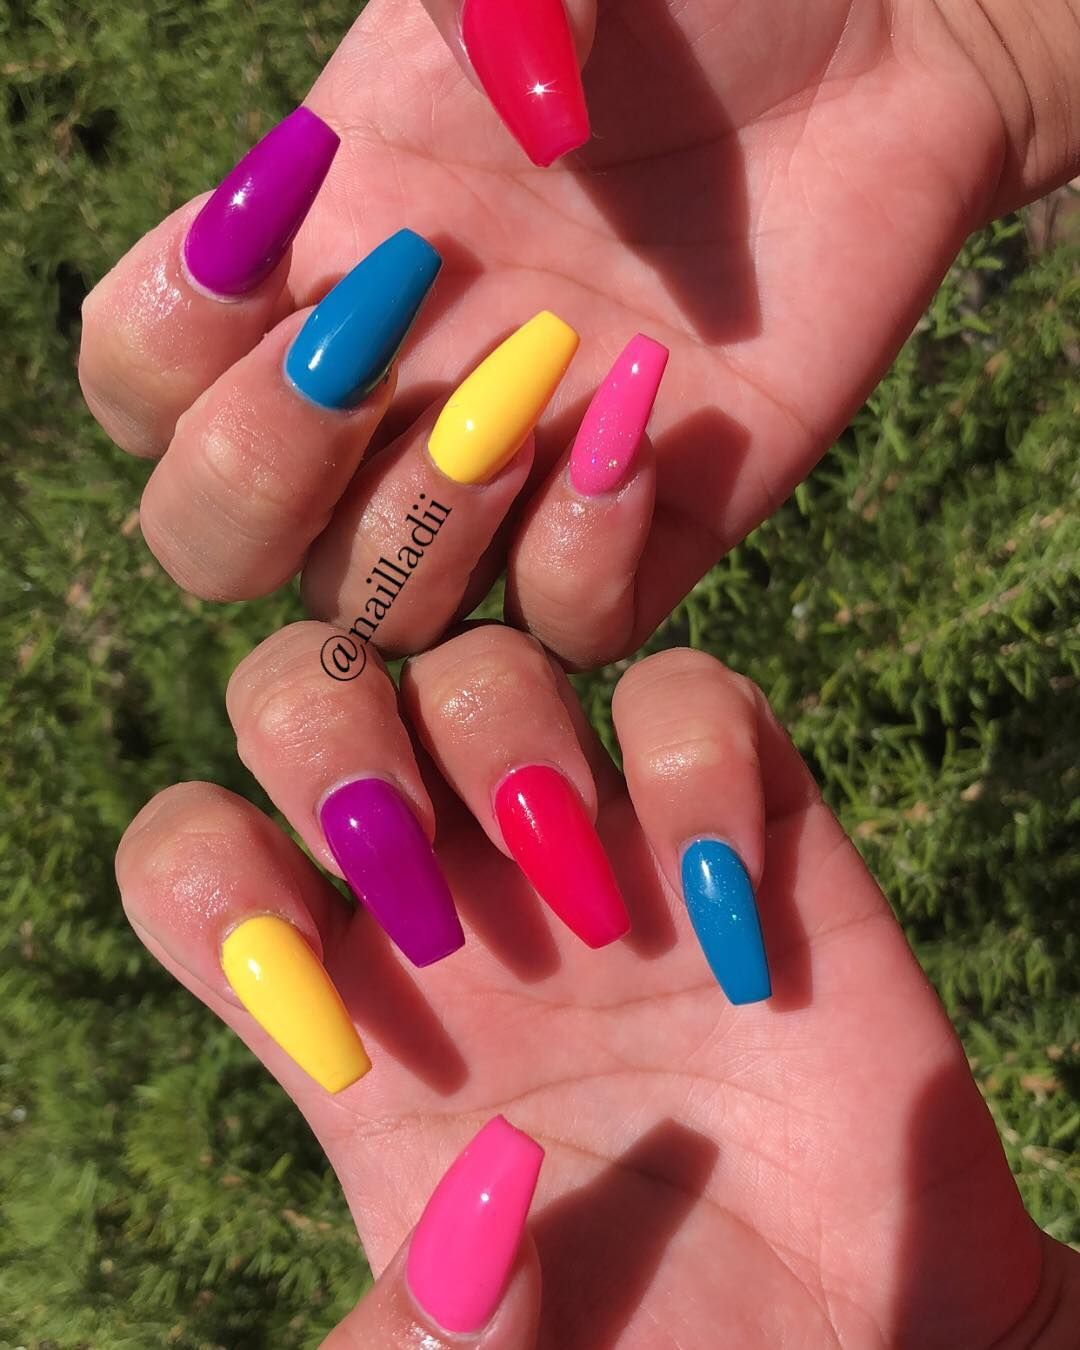 Nails Nailladii Colors Gel Acrylicnails Acrylics Acrylic Rainbow Gel Acrylic Nails Rainbow Nails Summer Acrylic Nails